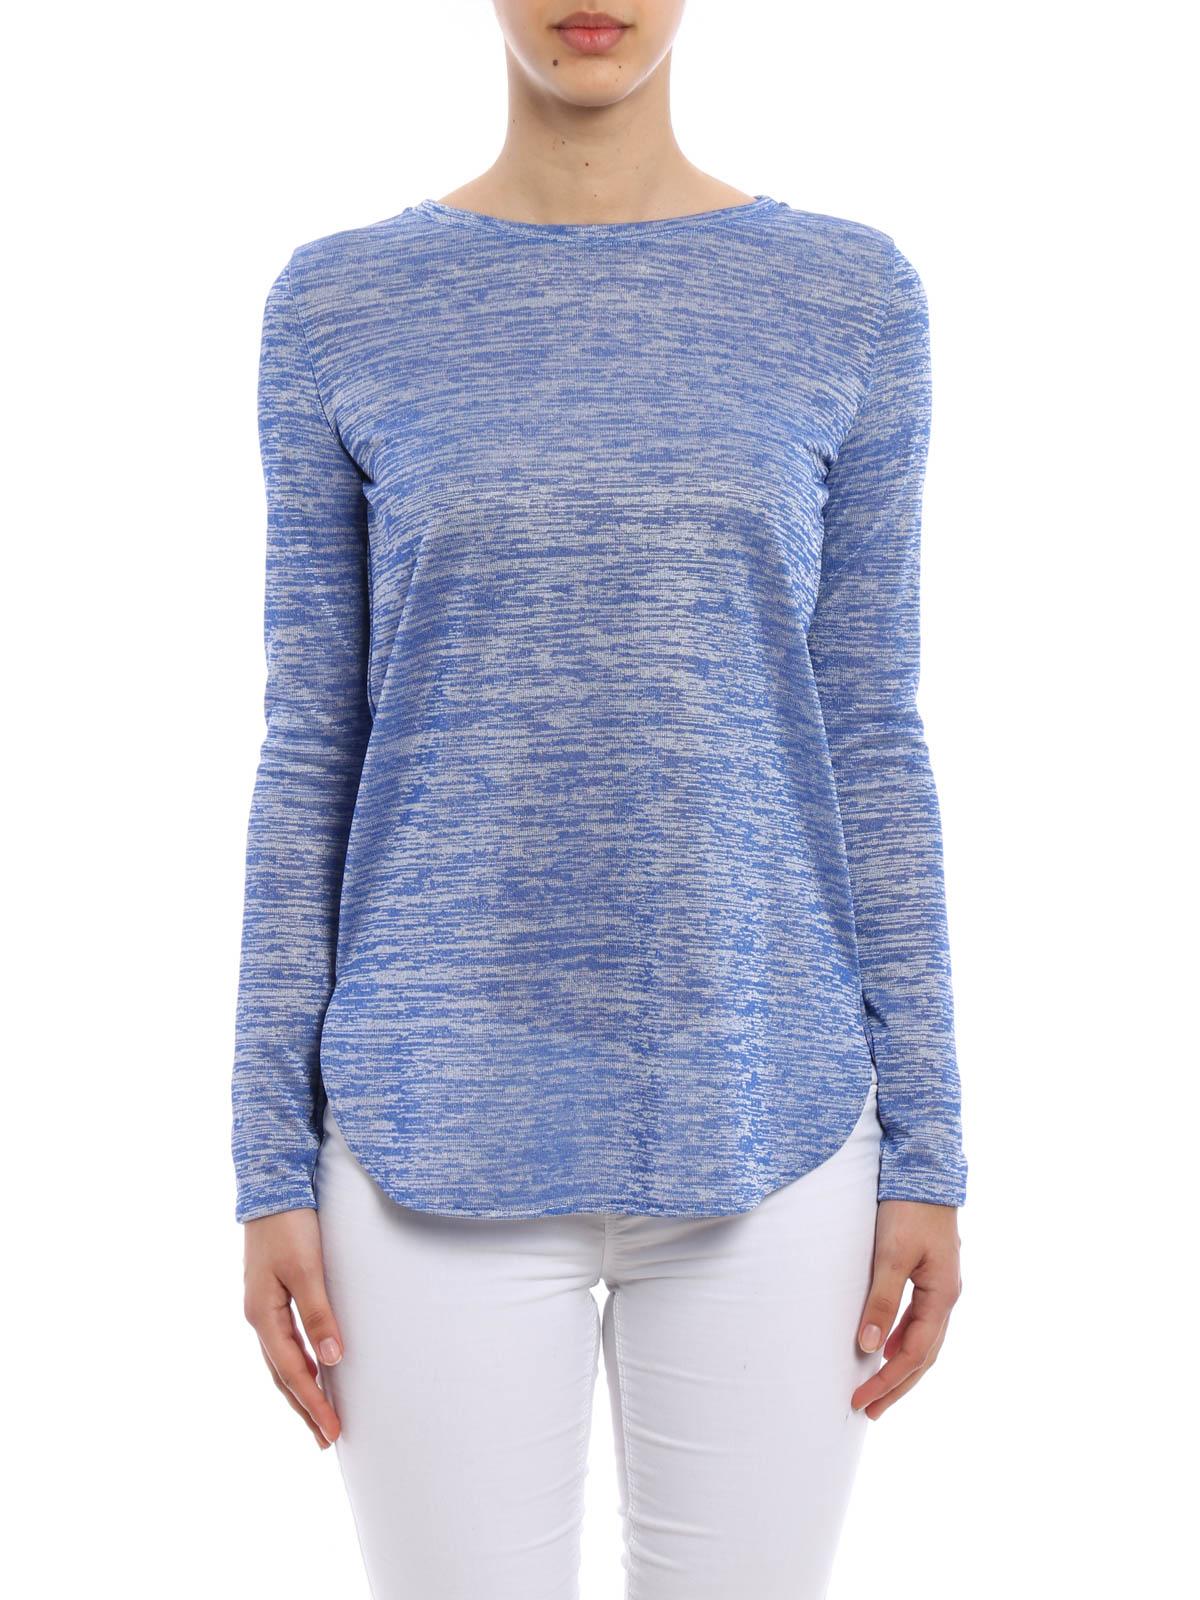 Melange Jf202dv Adhara Shirts Dondup 803 T Shirt S675 mNwv8n0